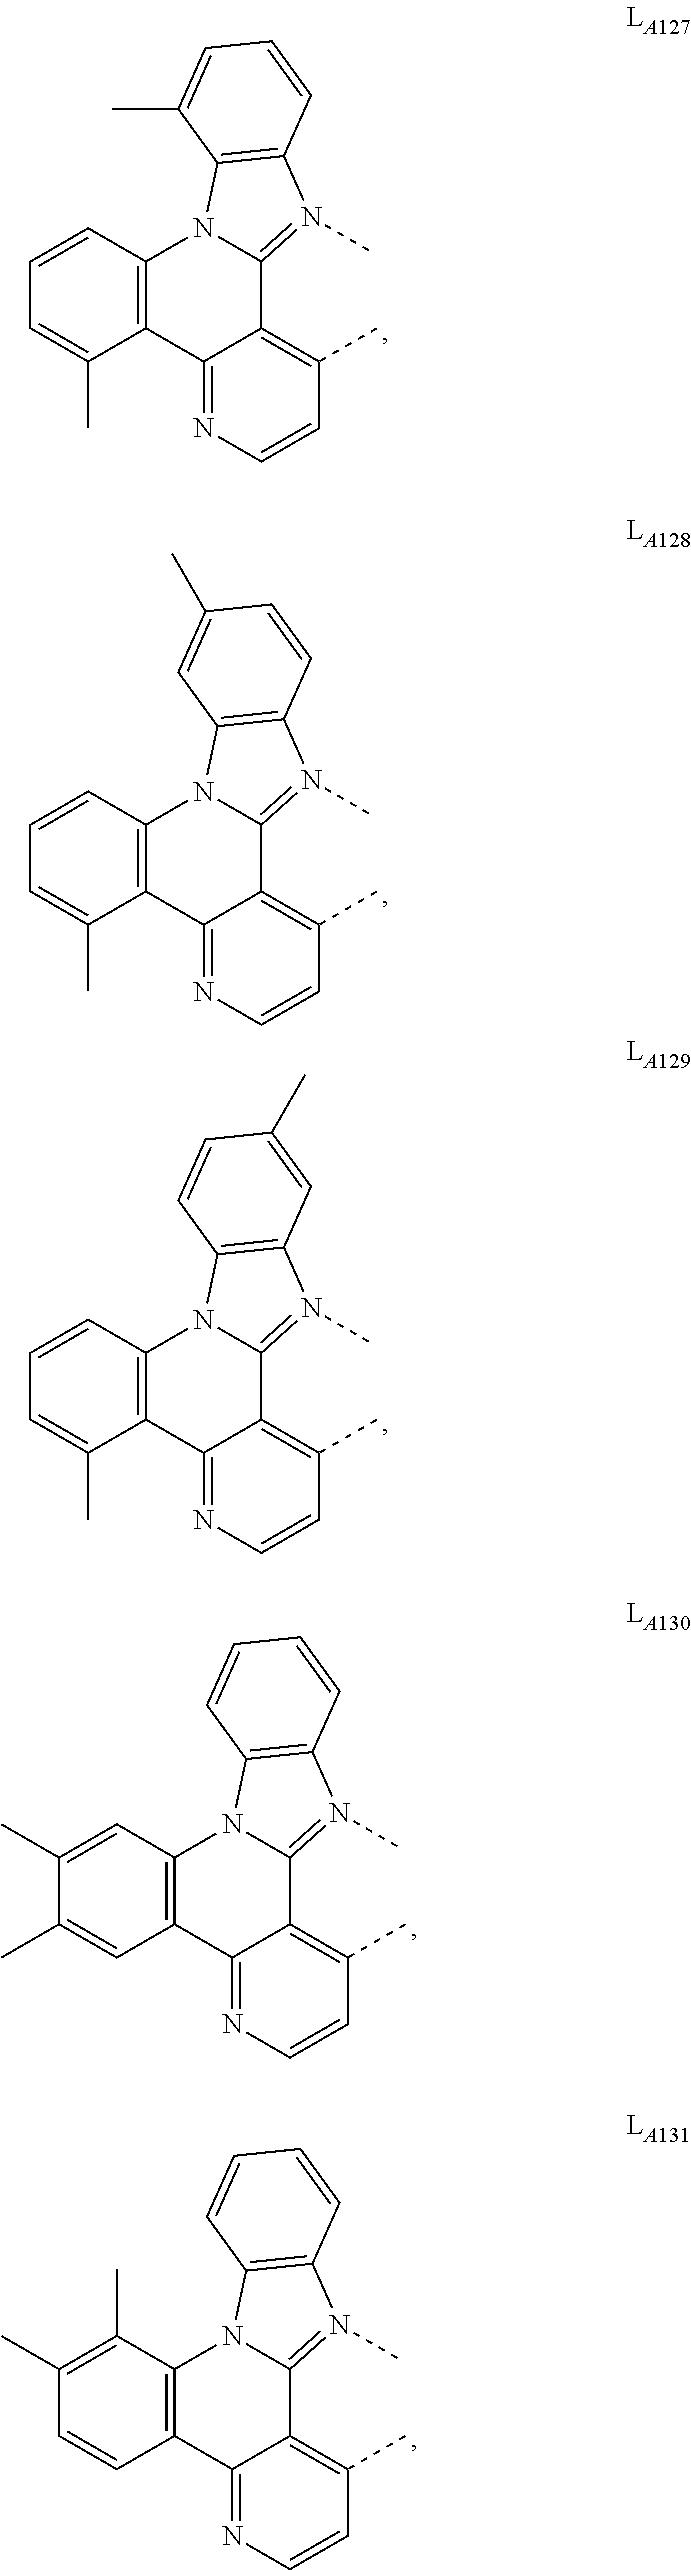 Figure US09905785-20180227-C00452